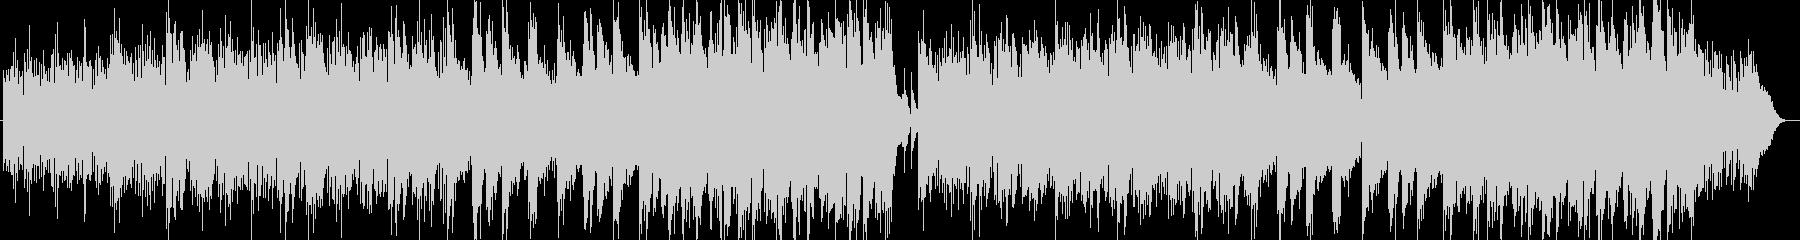 優しく美しいシンセサイザーサウンドの未再生の波形